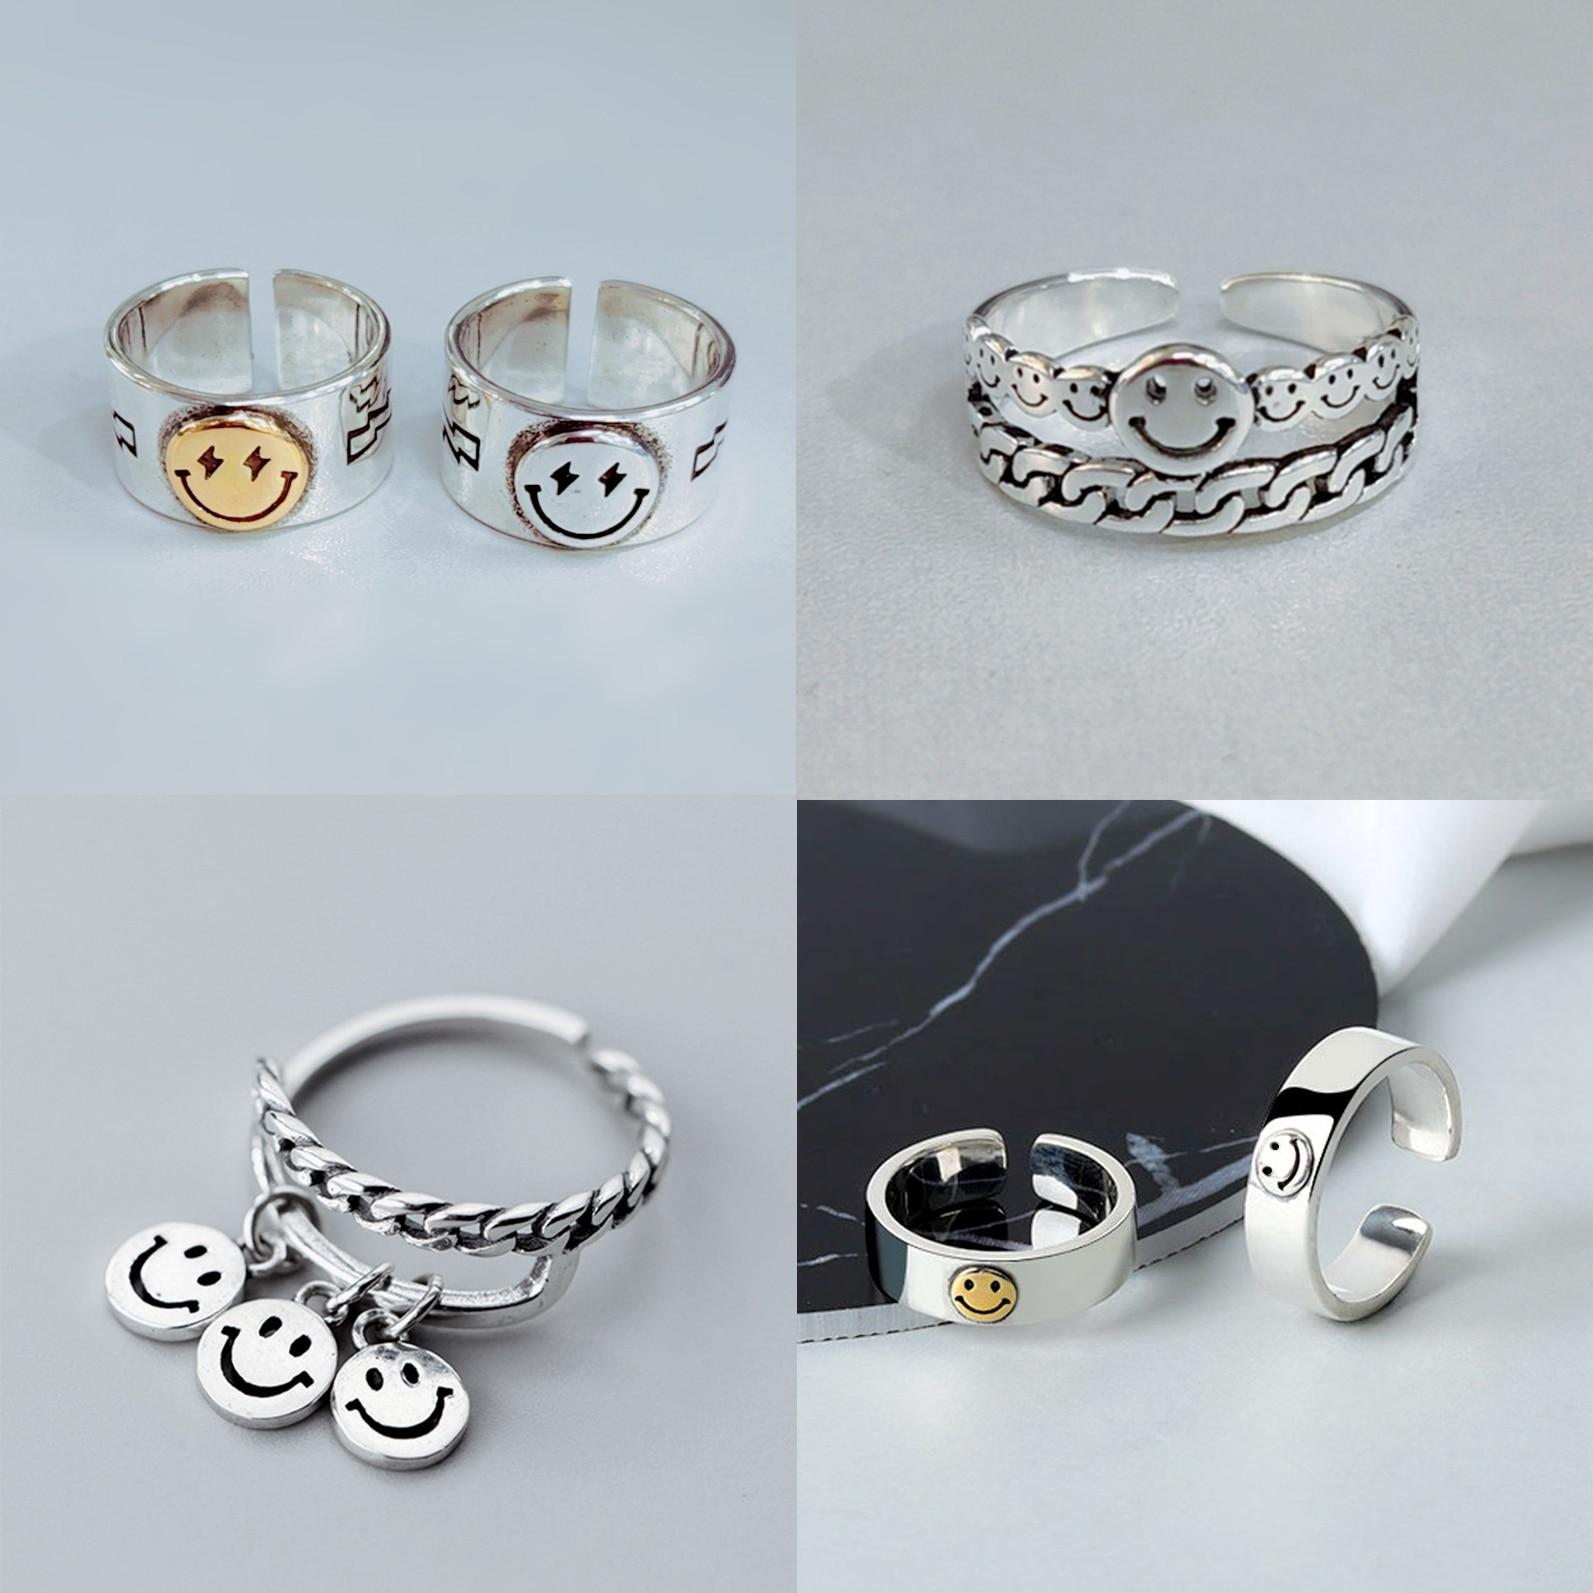 Женские медные кольца в стиле панк, винтажные Серебристые Регулируемые кольца на палец в виде счастливой улыбки, ювелирные изделия, подарок...